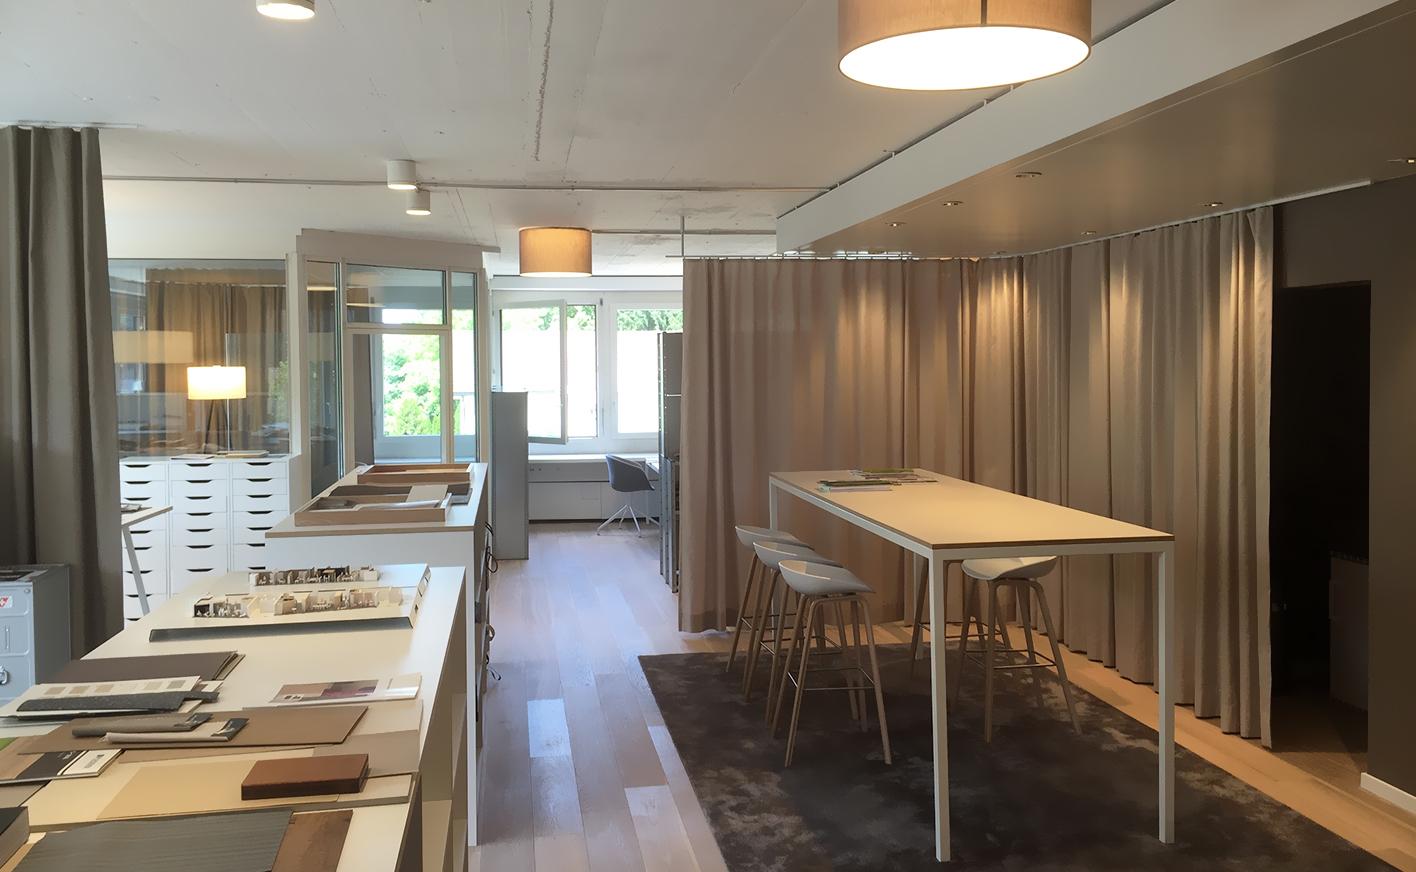 Innenarchitektur büro  über uns - atelier 10punkt3 ag - Innenarchitekt Bern / Zürich